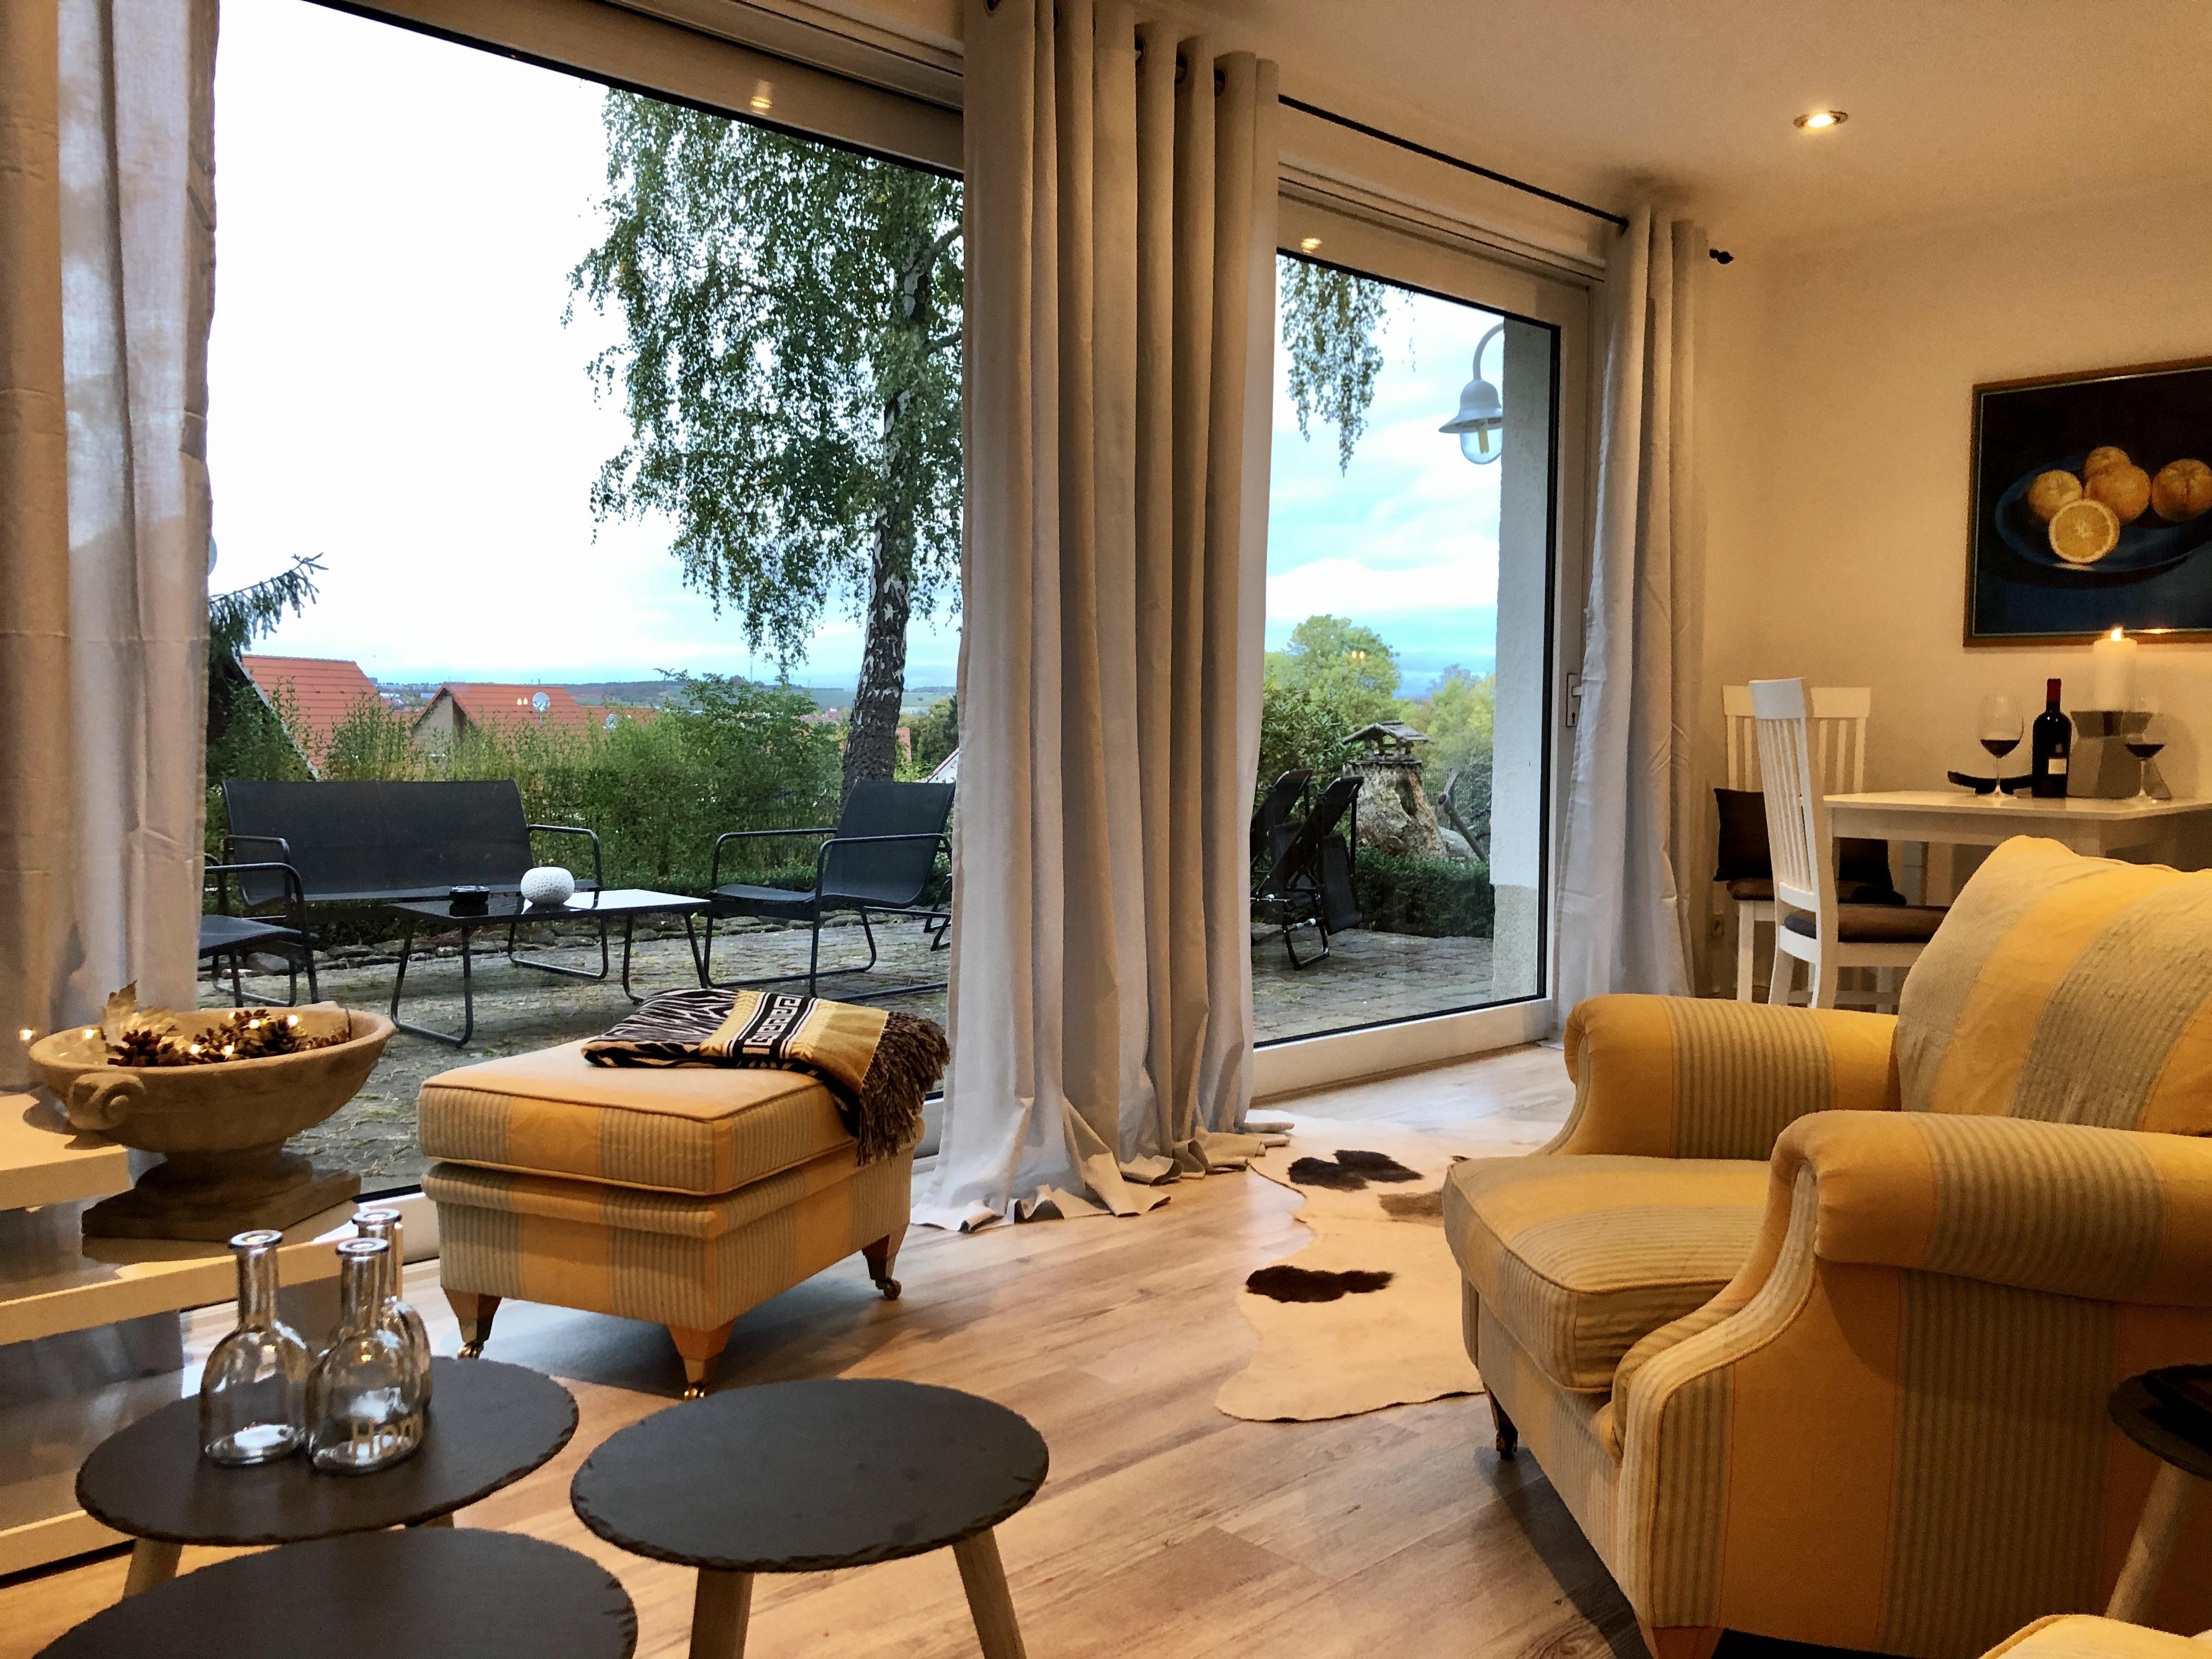 Ferienhaus am Holzweg Wohnzimmer